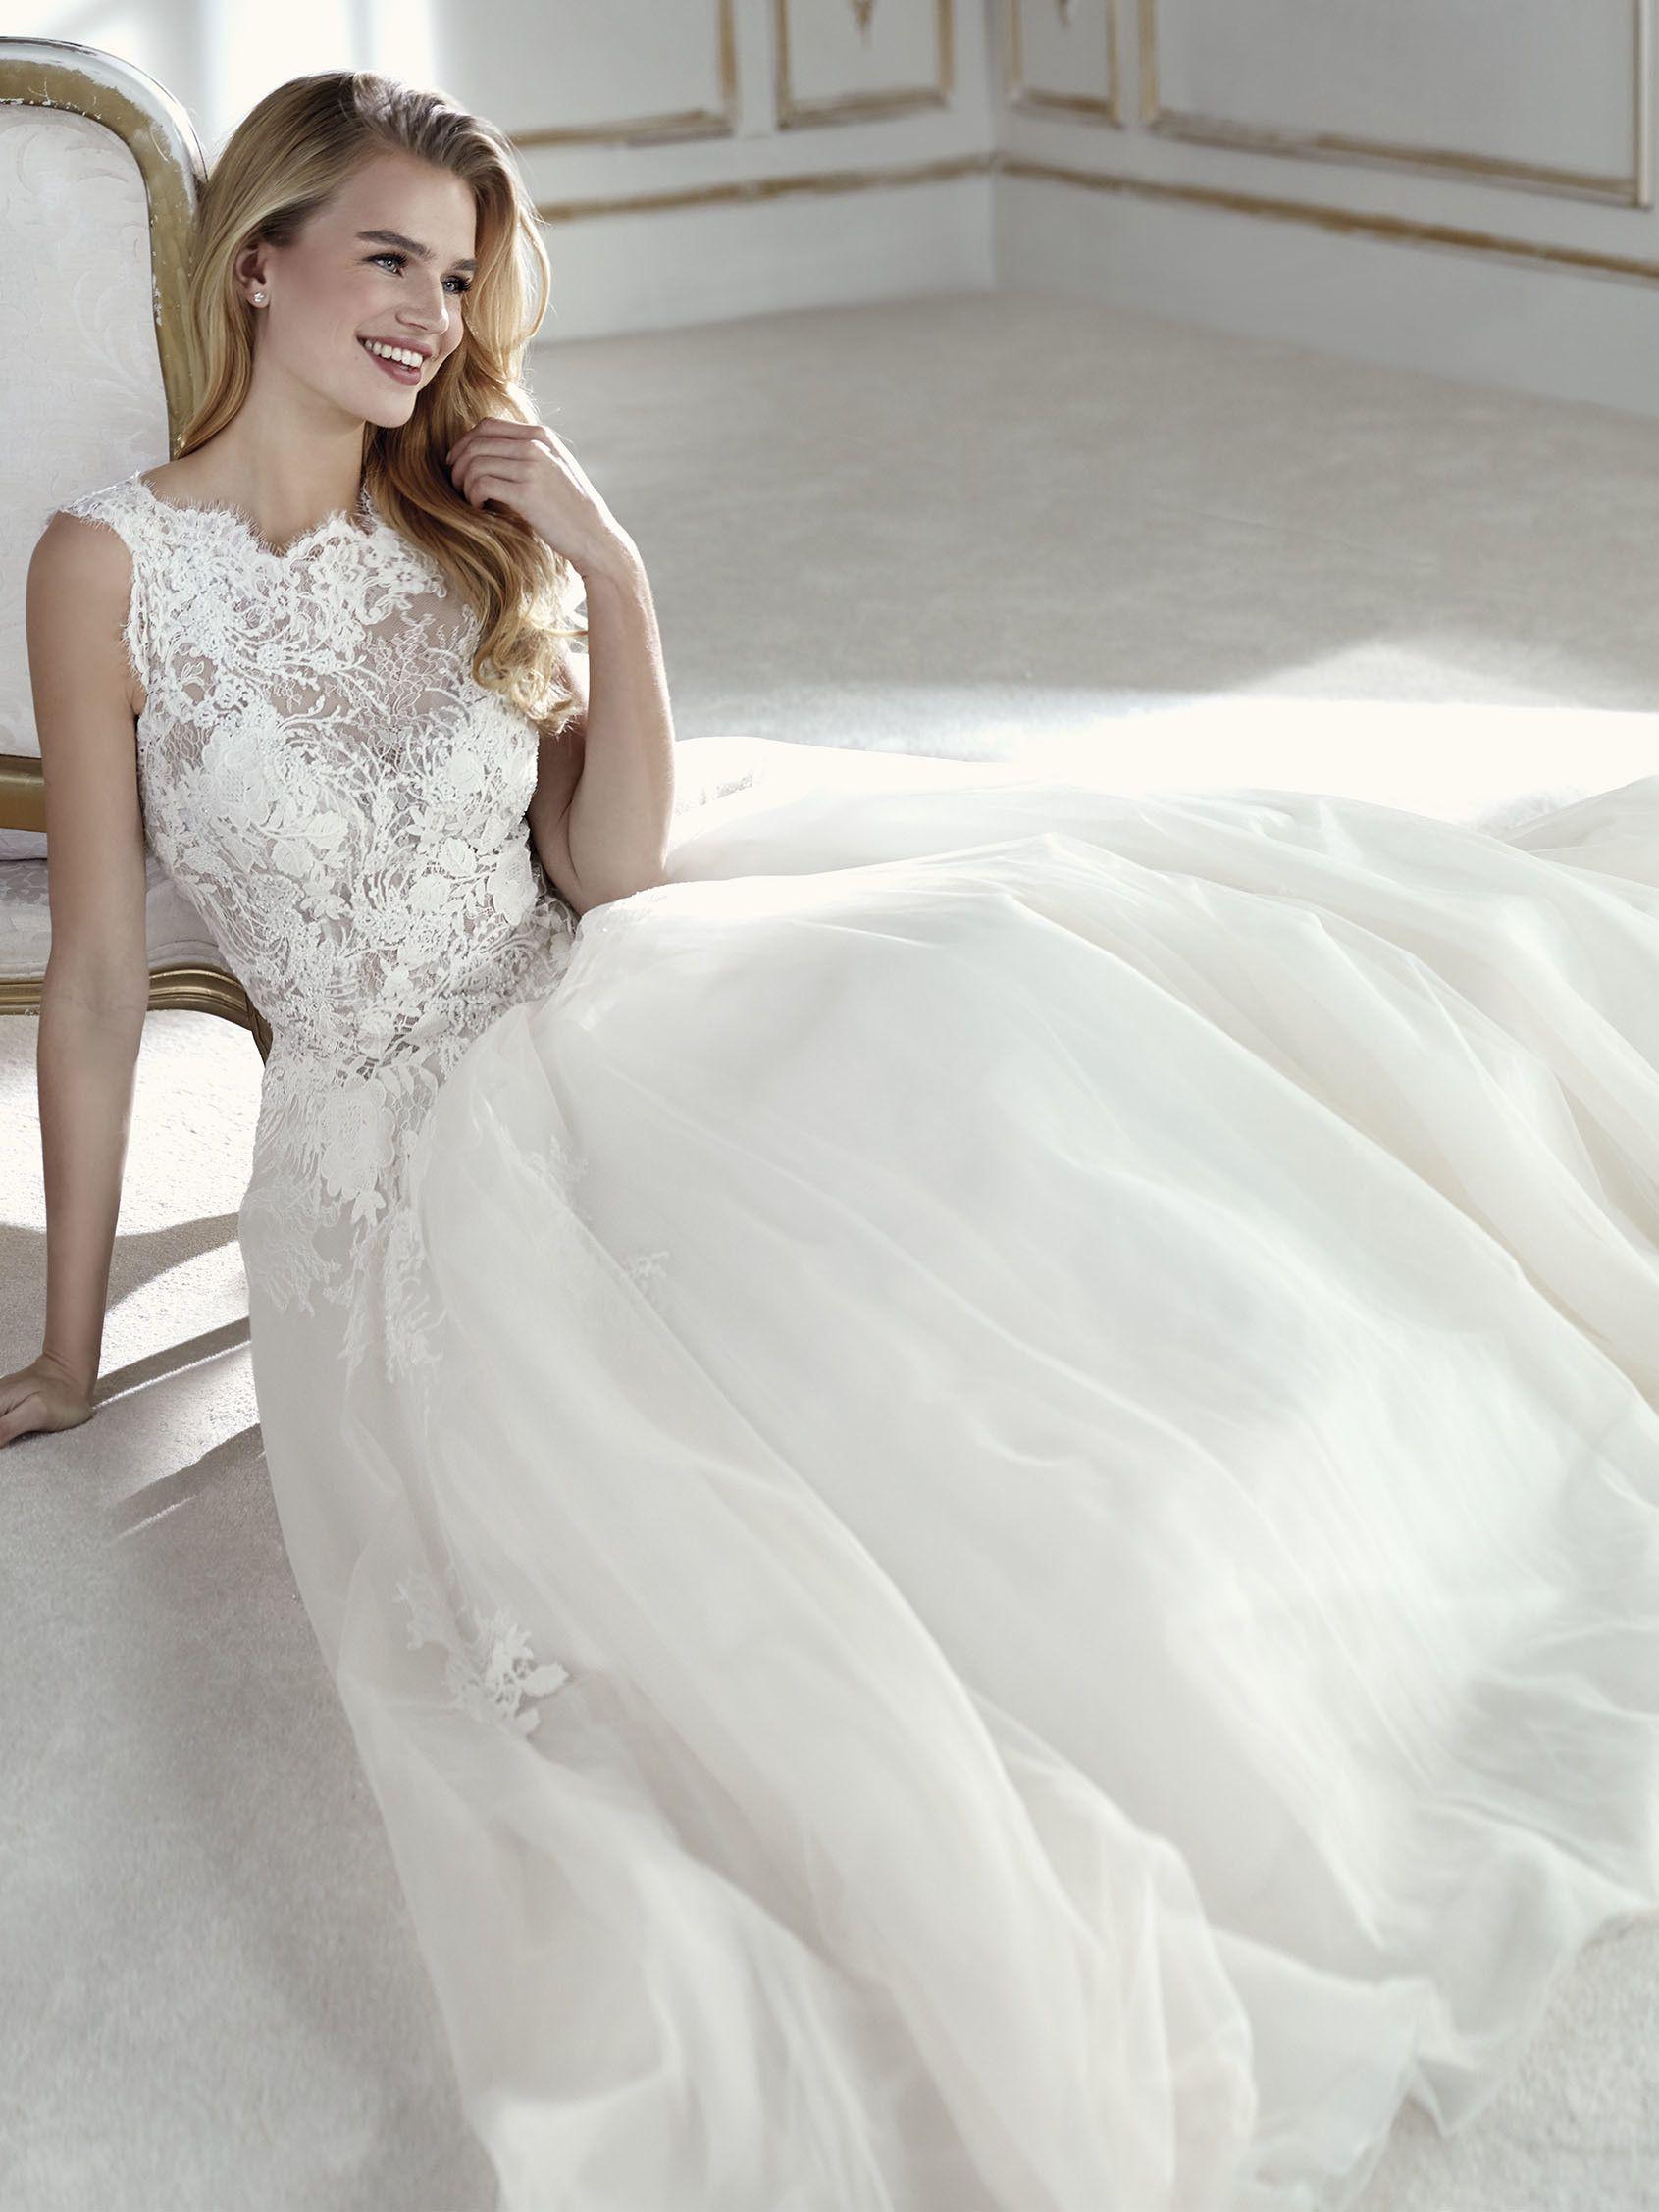 Nett Privatsammlung Hochzeitskleider Fotos - Hochzeit Kleid Stile ...